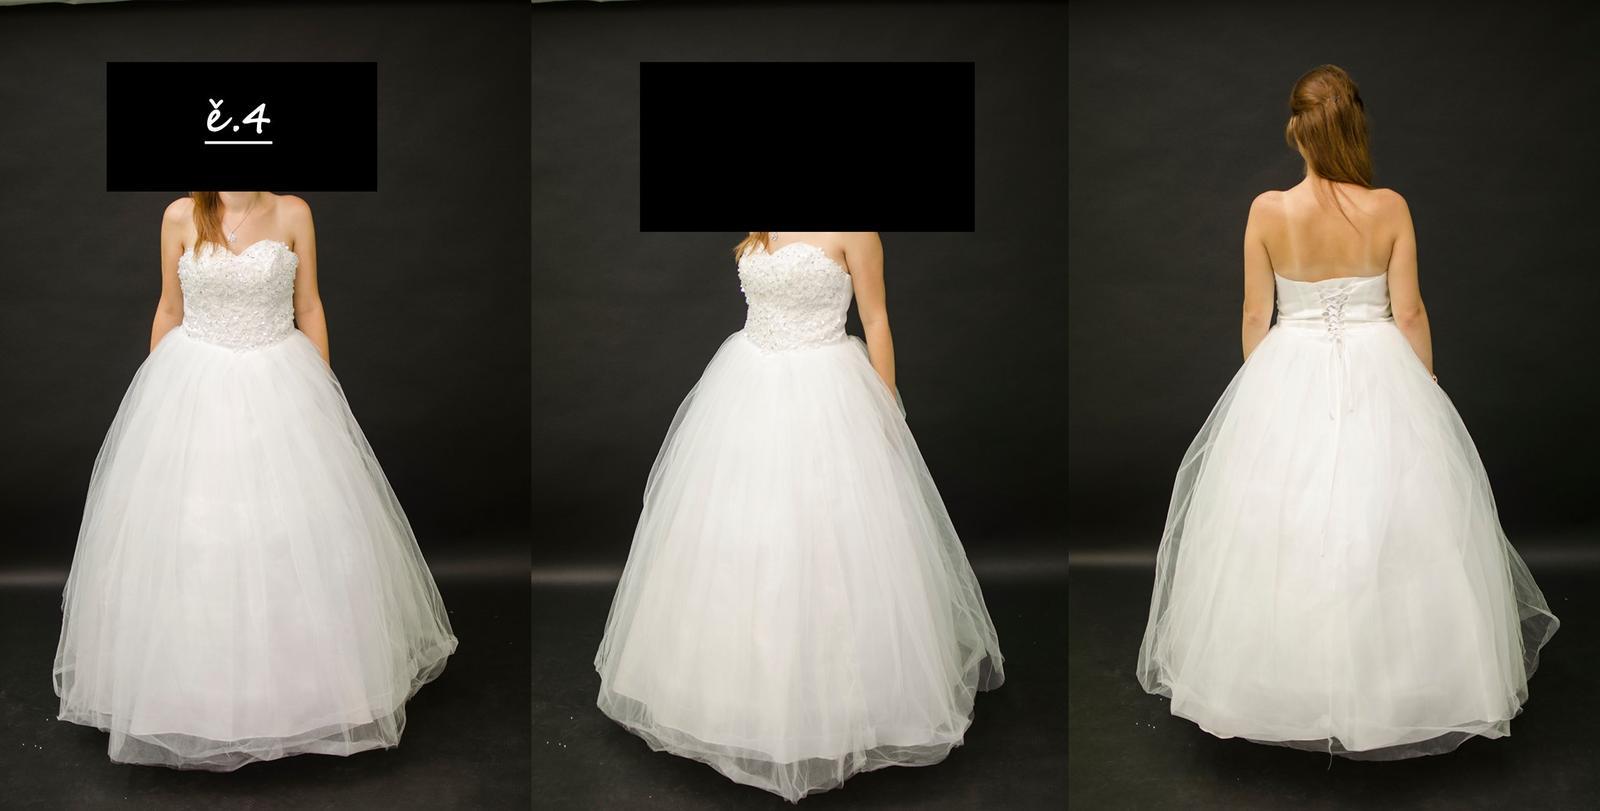 Svatební šaty se zdobením na korzetu - Obrázek č. 1